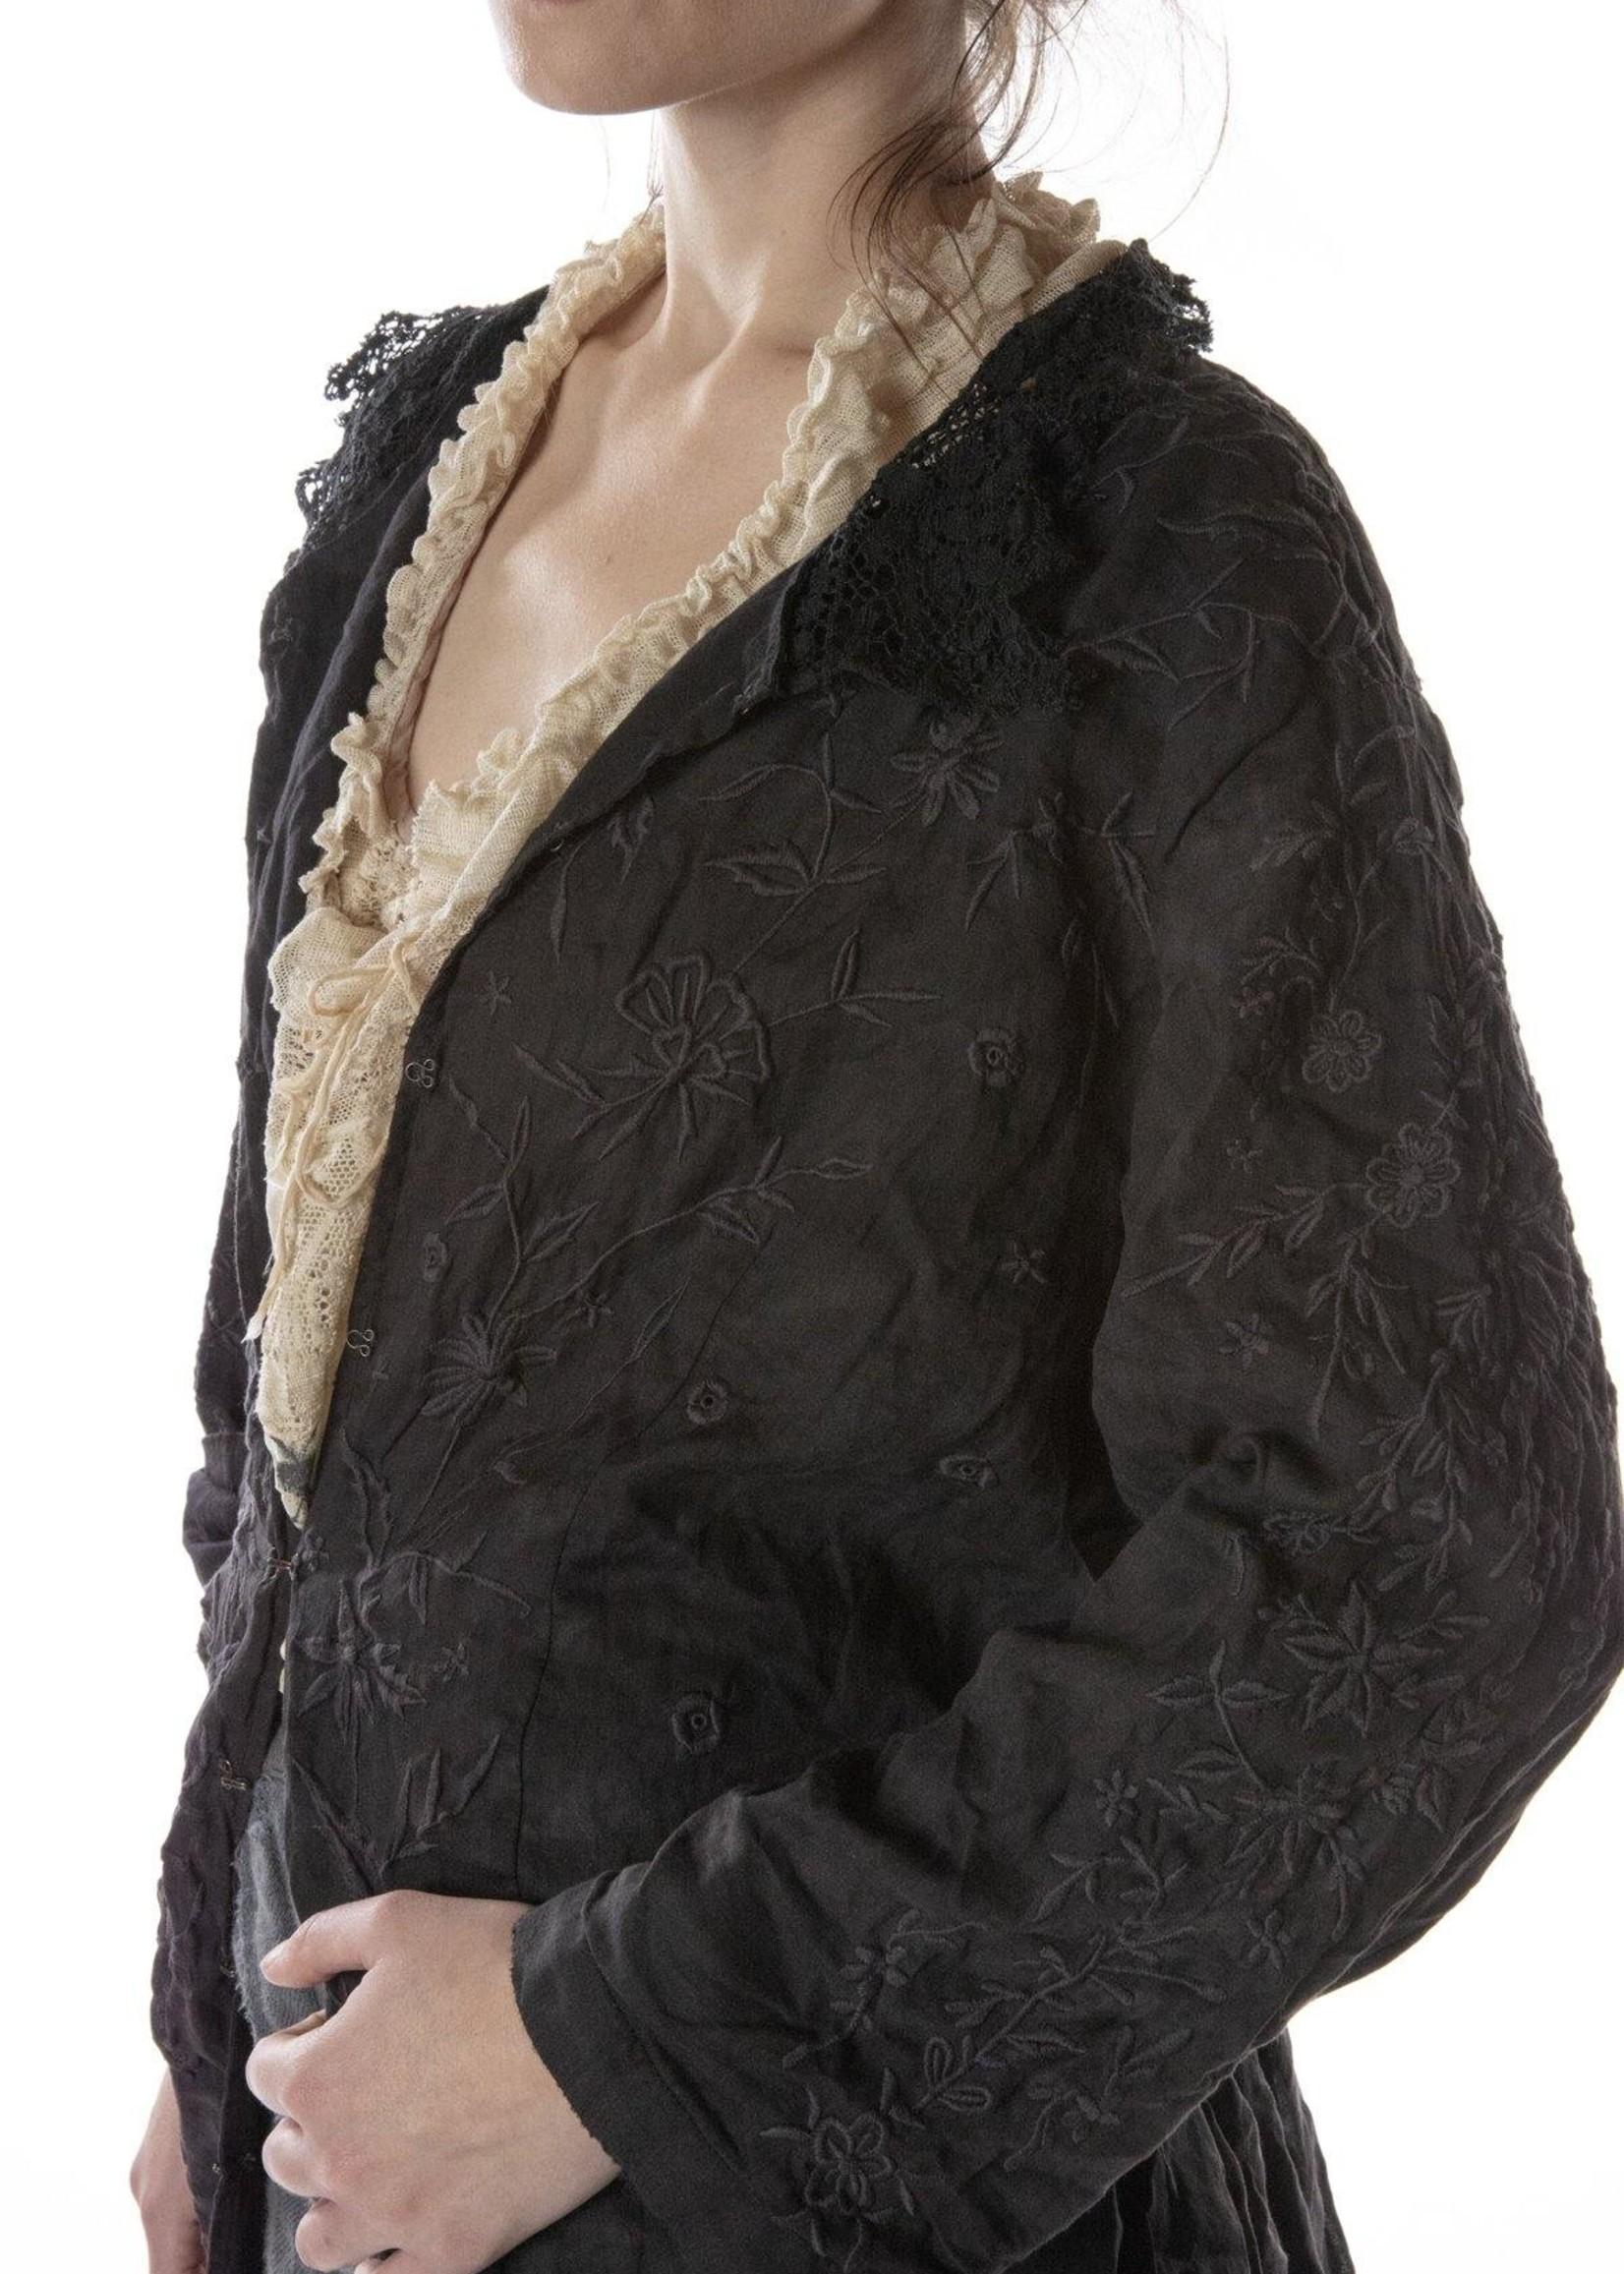 Magnolia Pearl Olivia Jacket - Harley